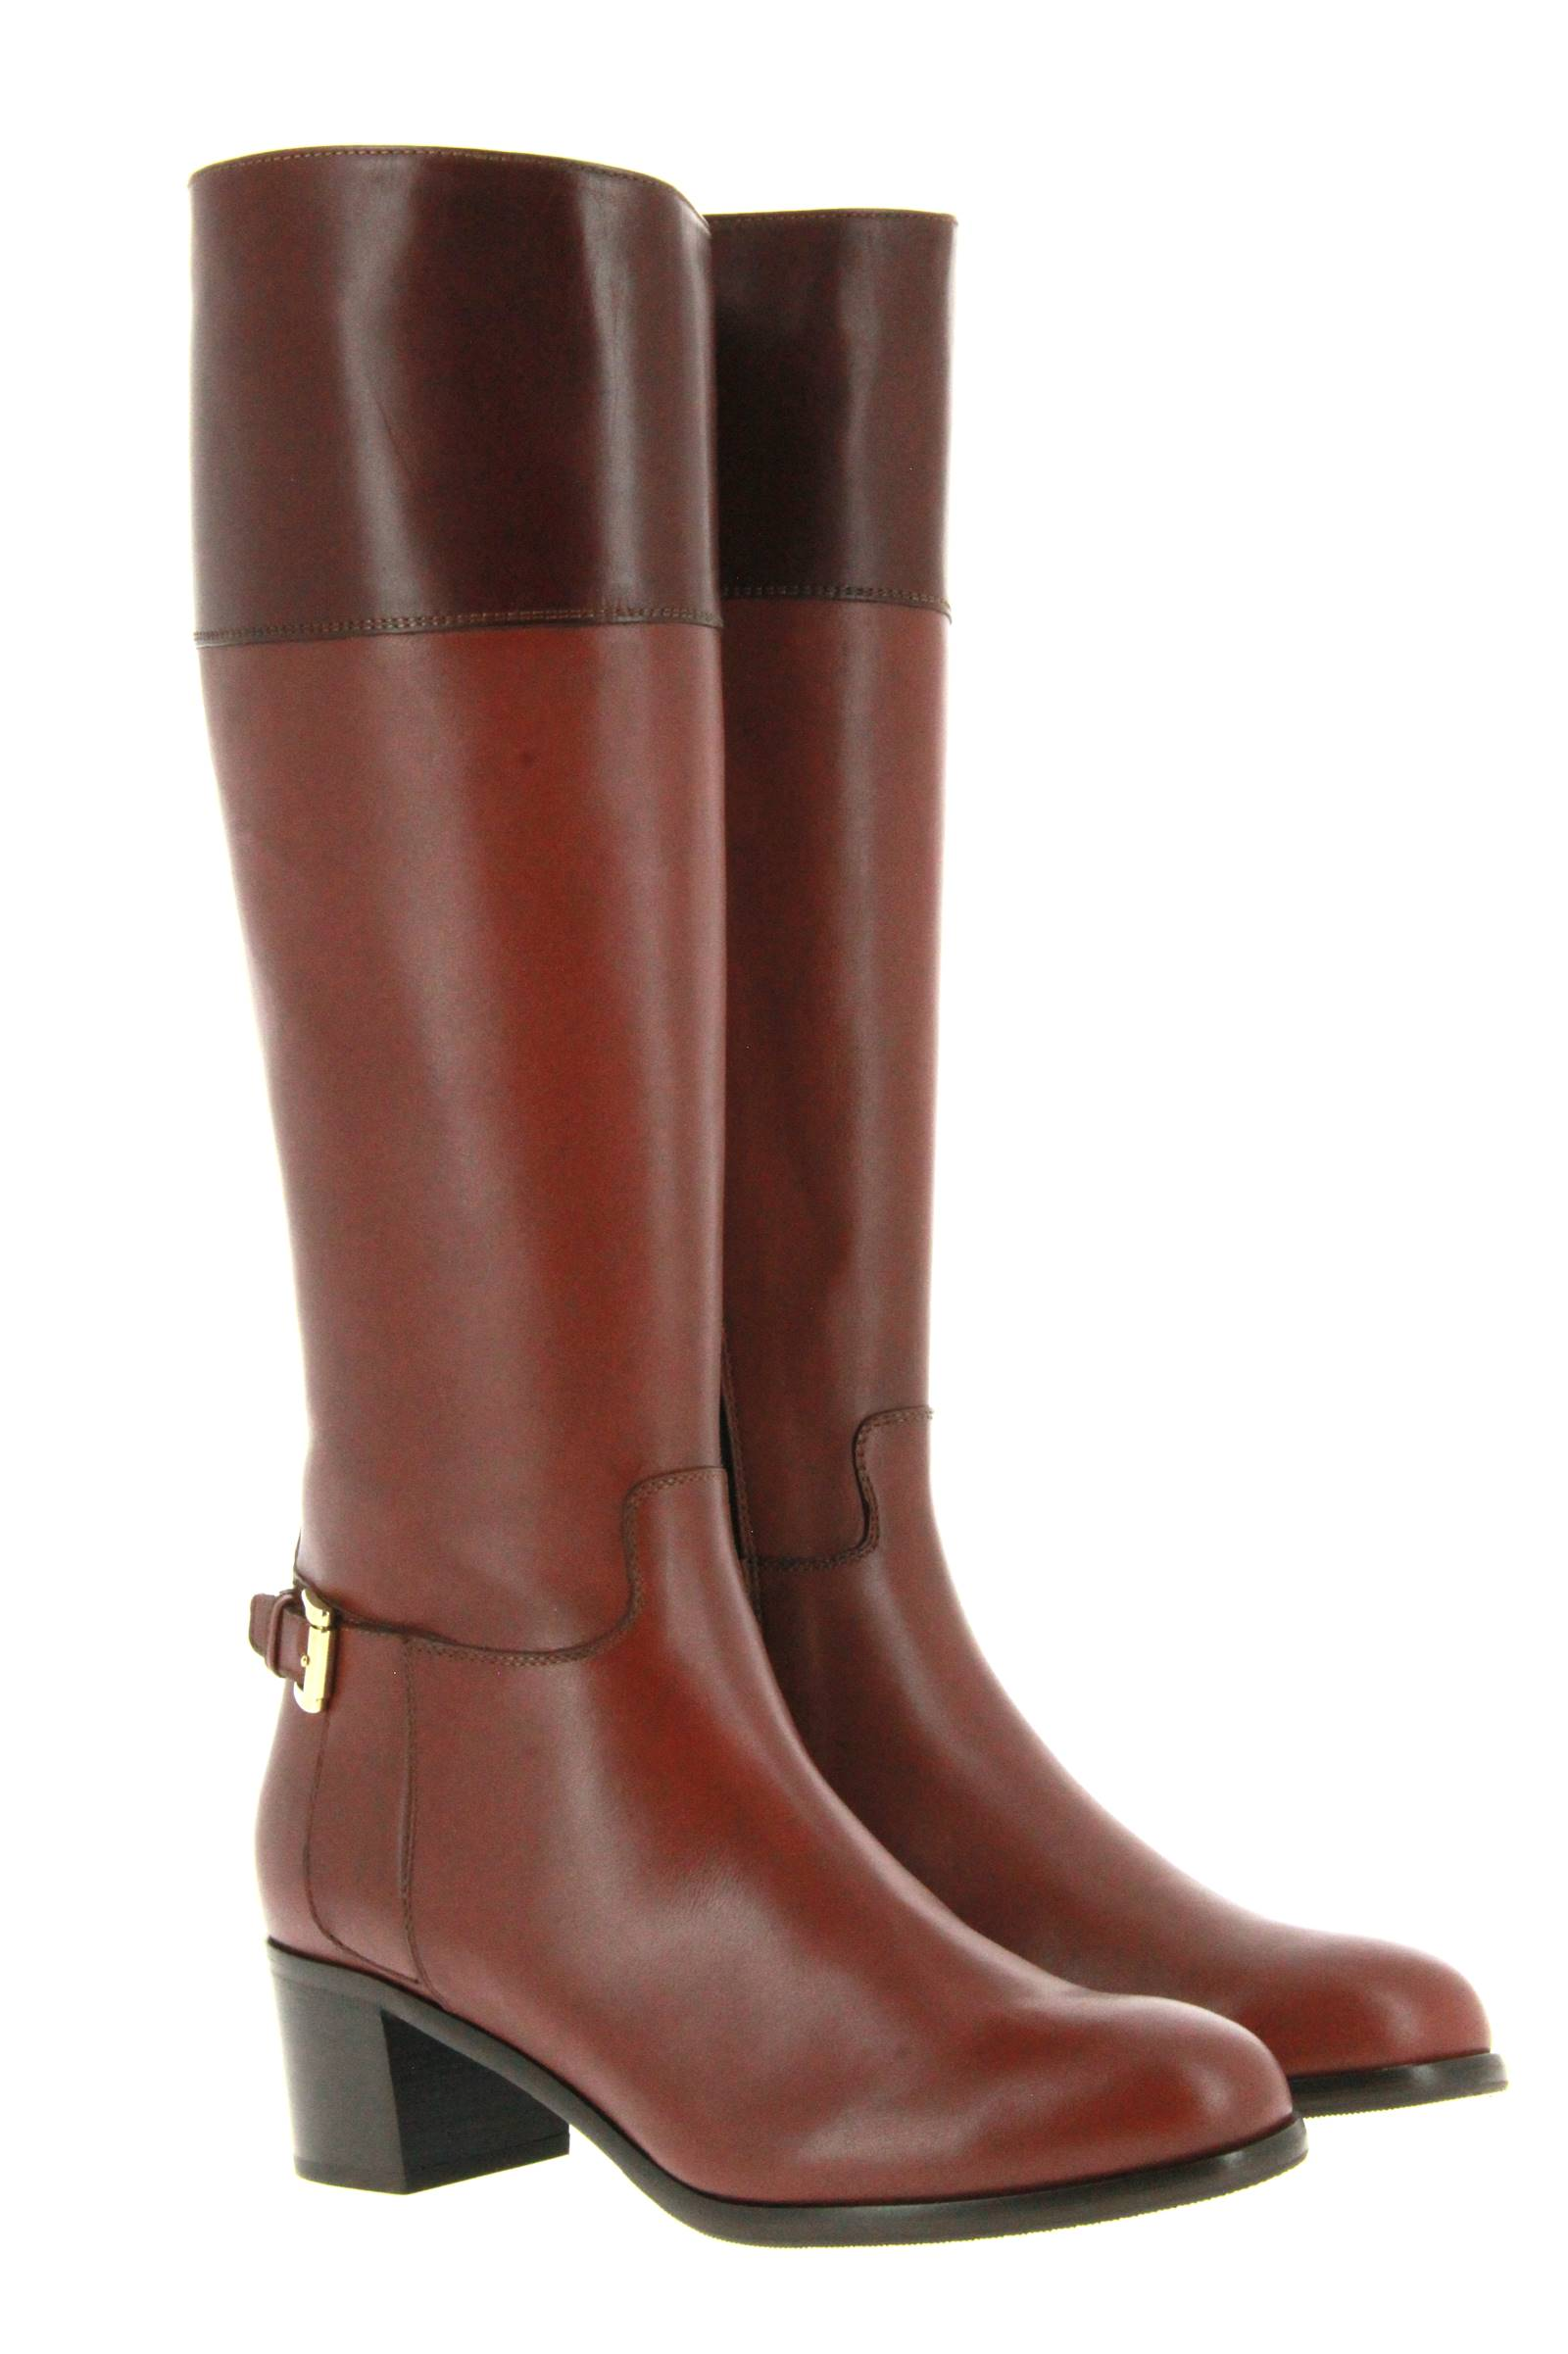 Maretto boots RUGGINE BORDEAUX